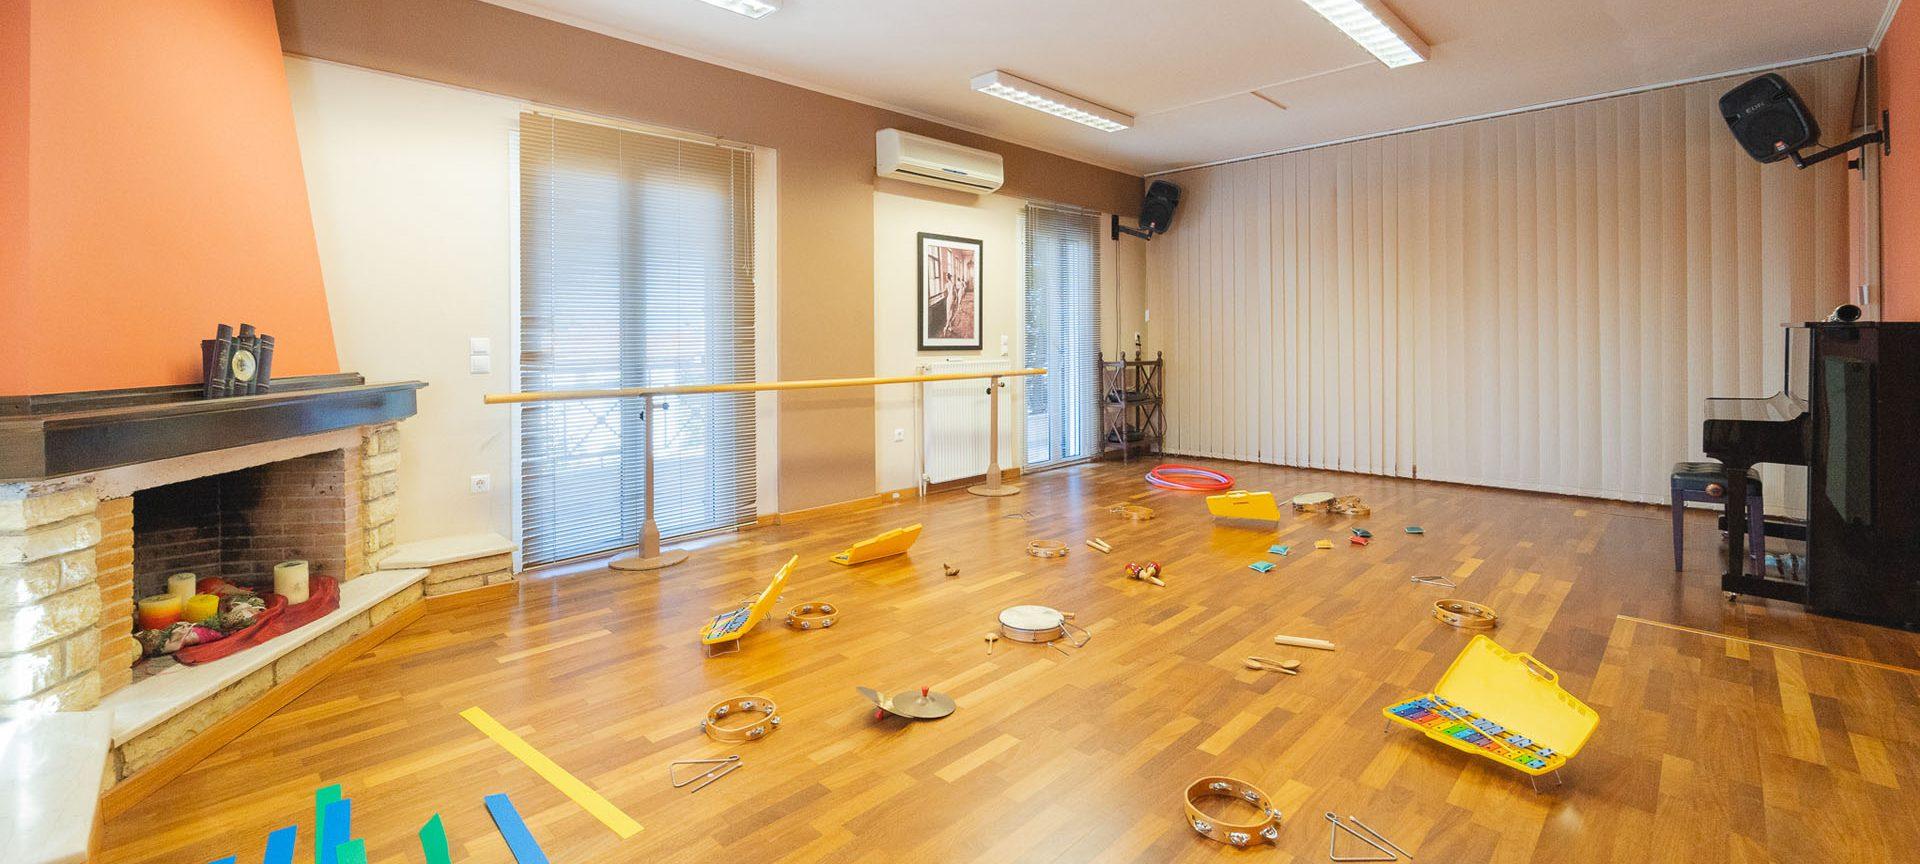 Ωδείο Πύλου - Μουσική - Χορός Πύλος - Εξοπλισμός 2